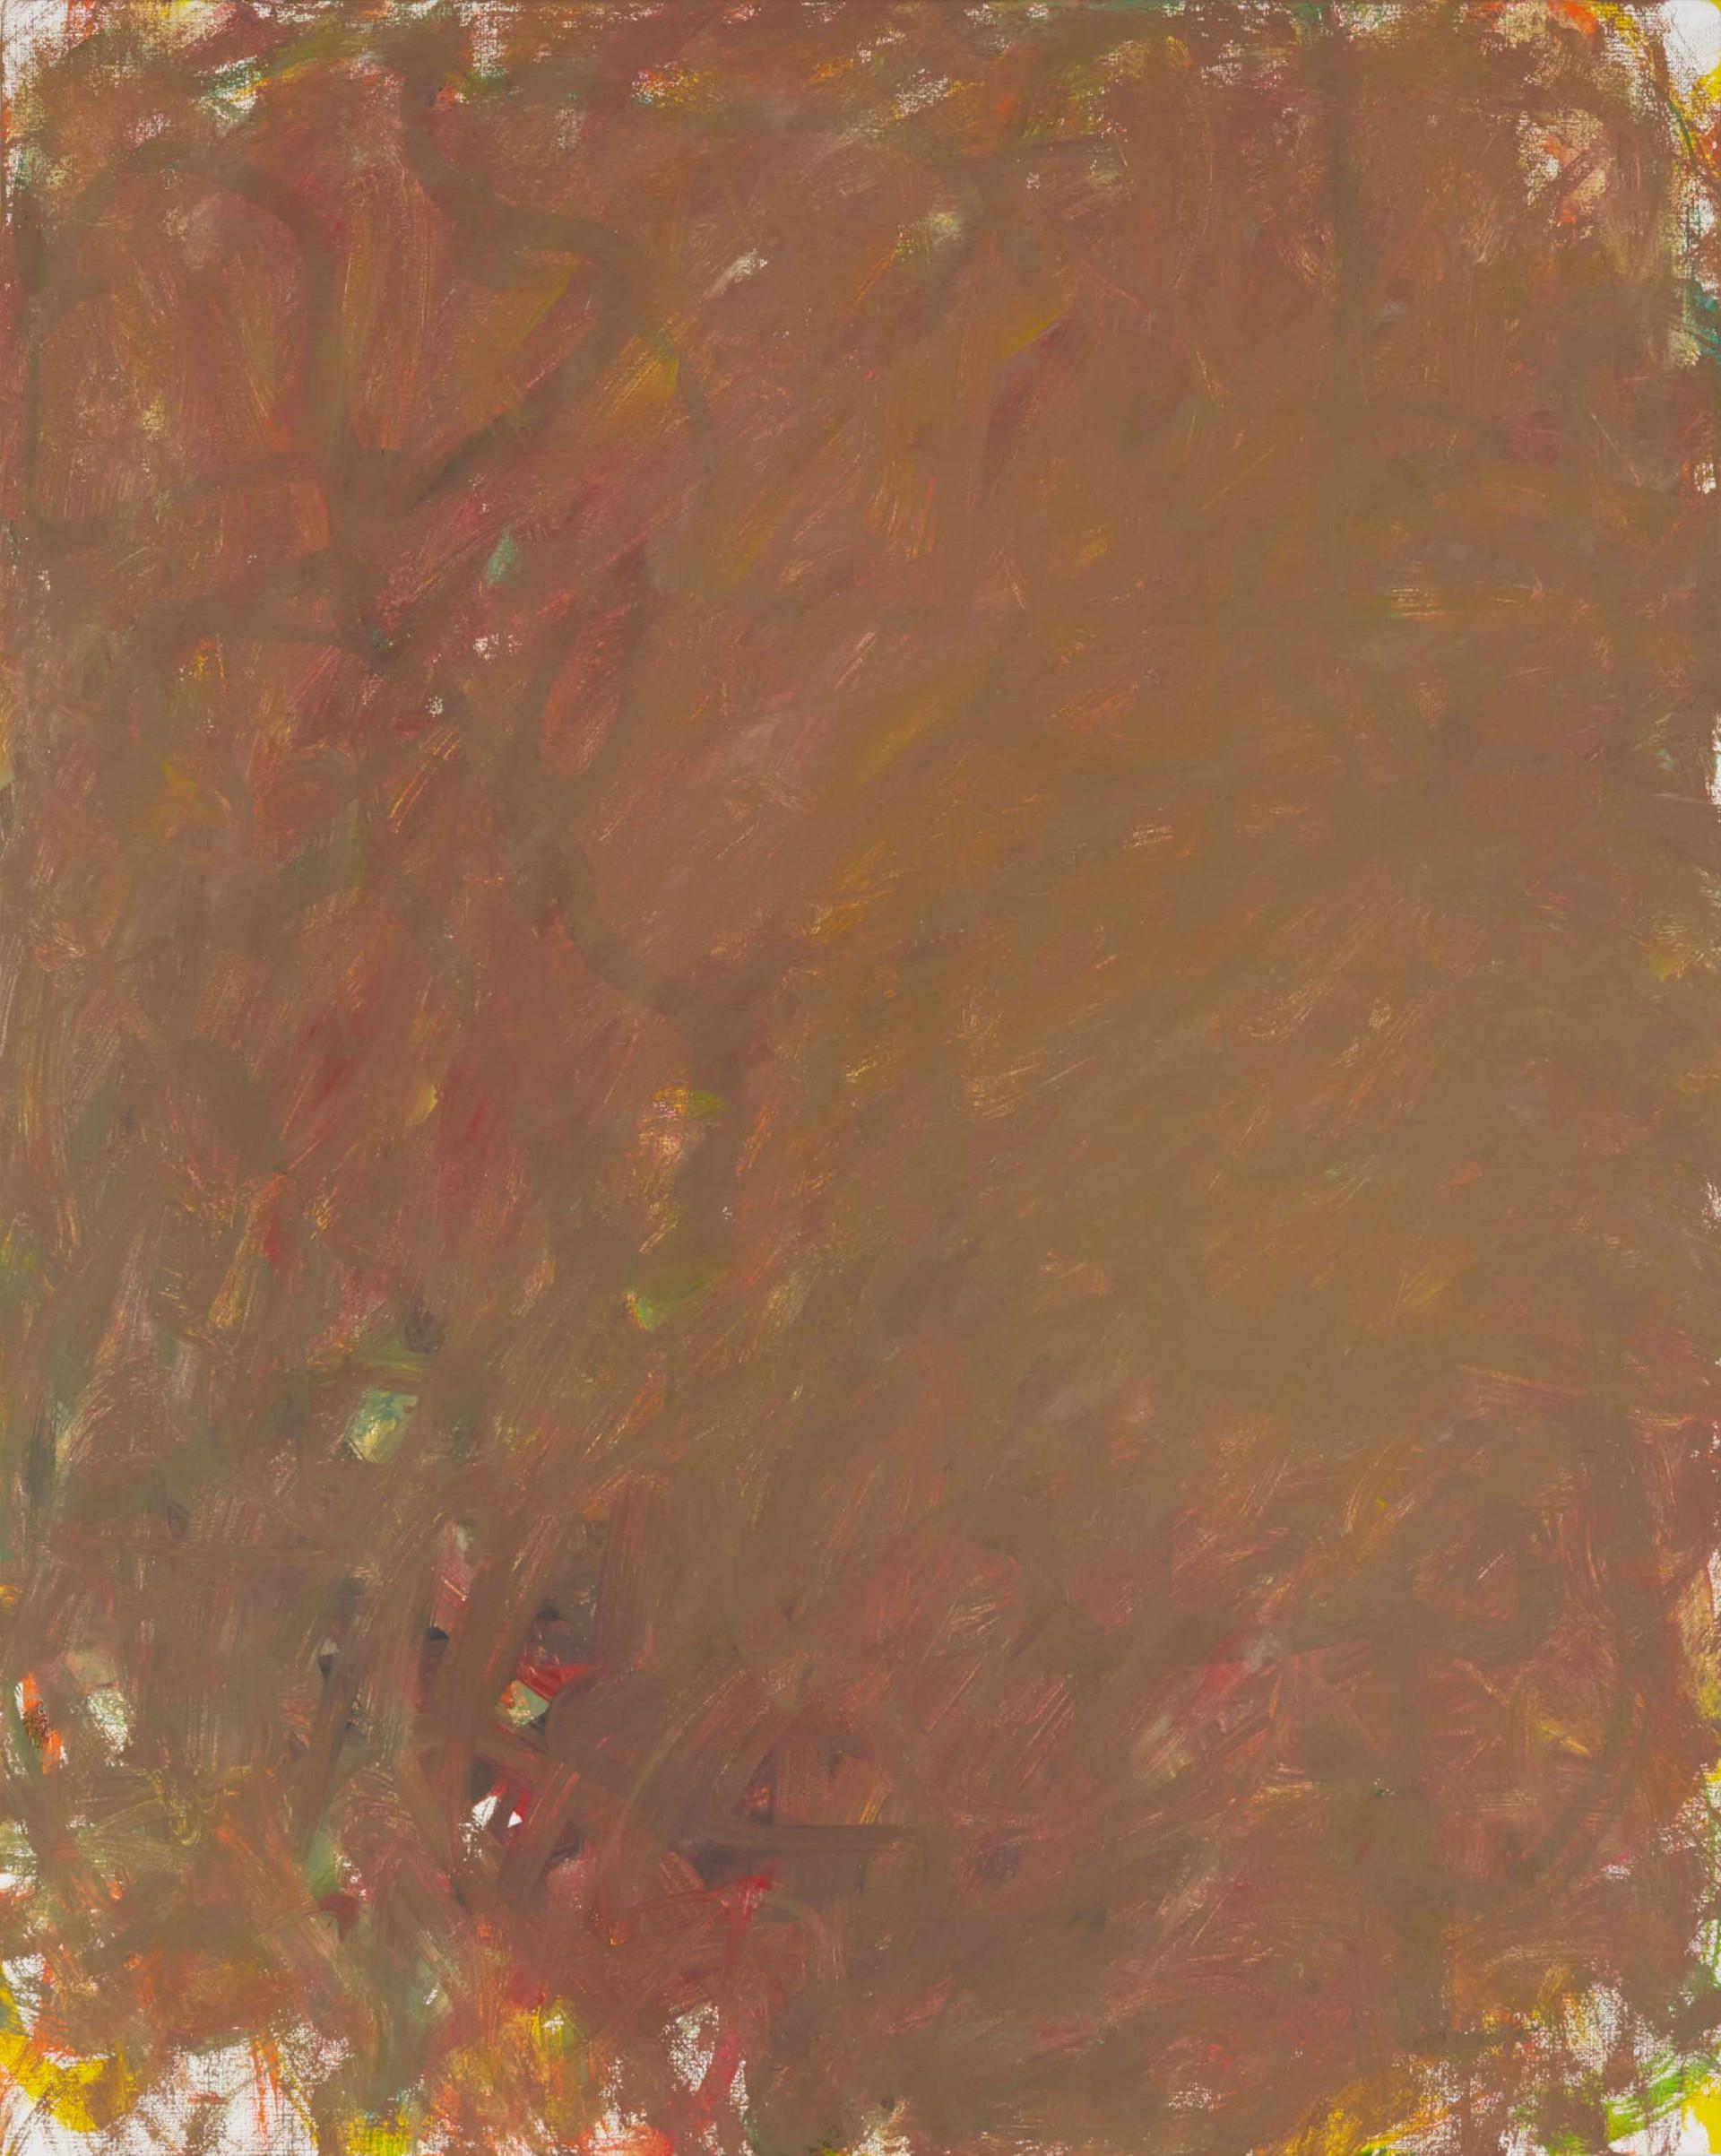 Sans titre (LA 01-12), 2019, acrylique sur toile, 81 x 65 cm